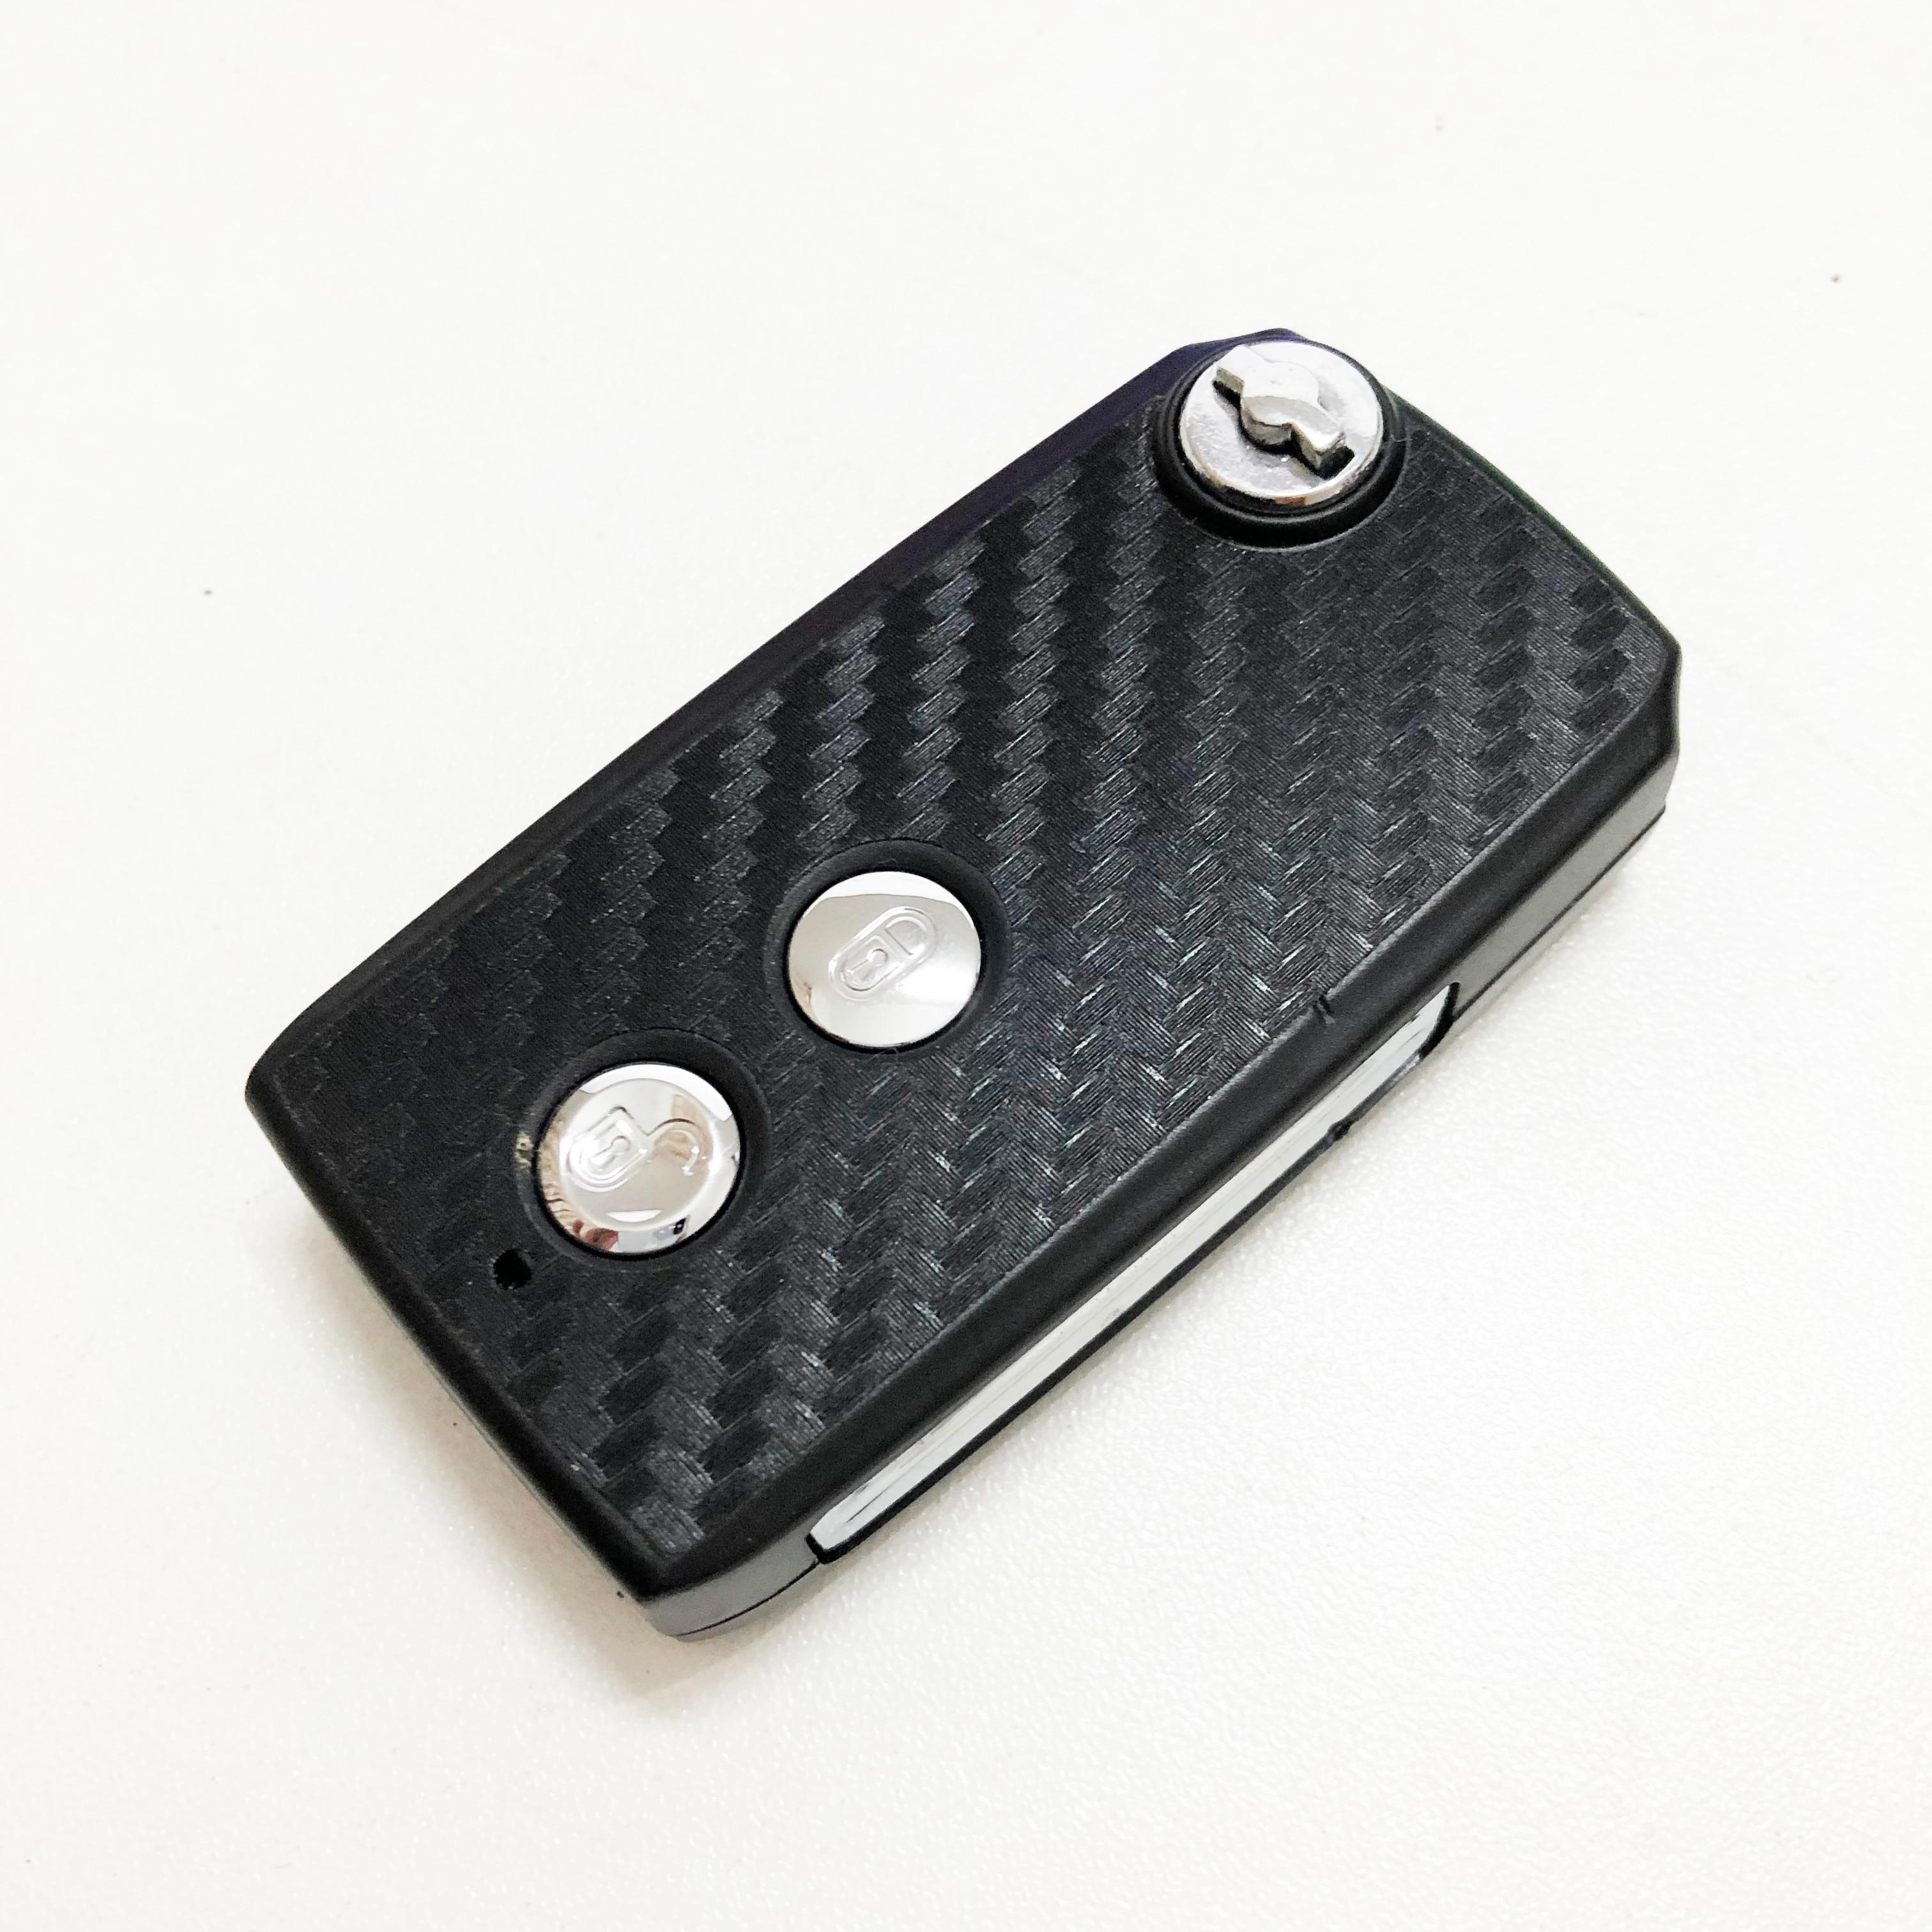 2/3 botões de dobramento remoto flid chave do carro caso capa escudo fob para hyundai sonata moinca elantra lâmina direita